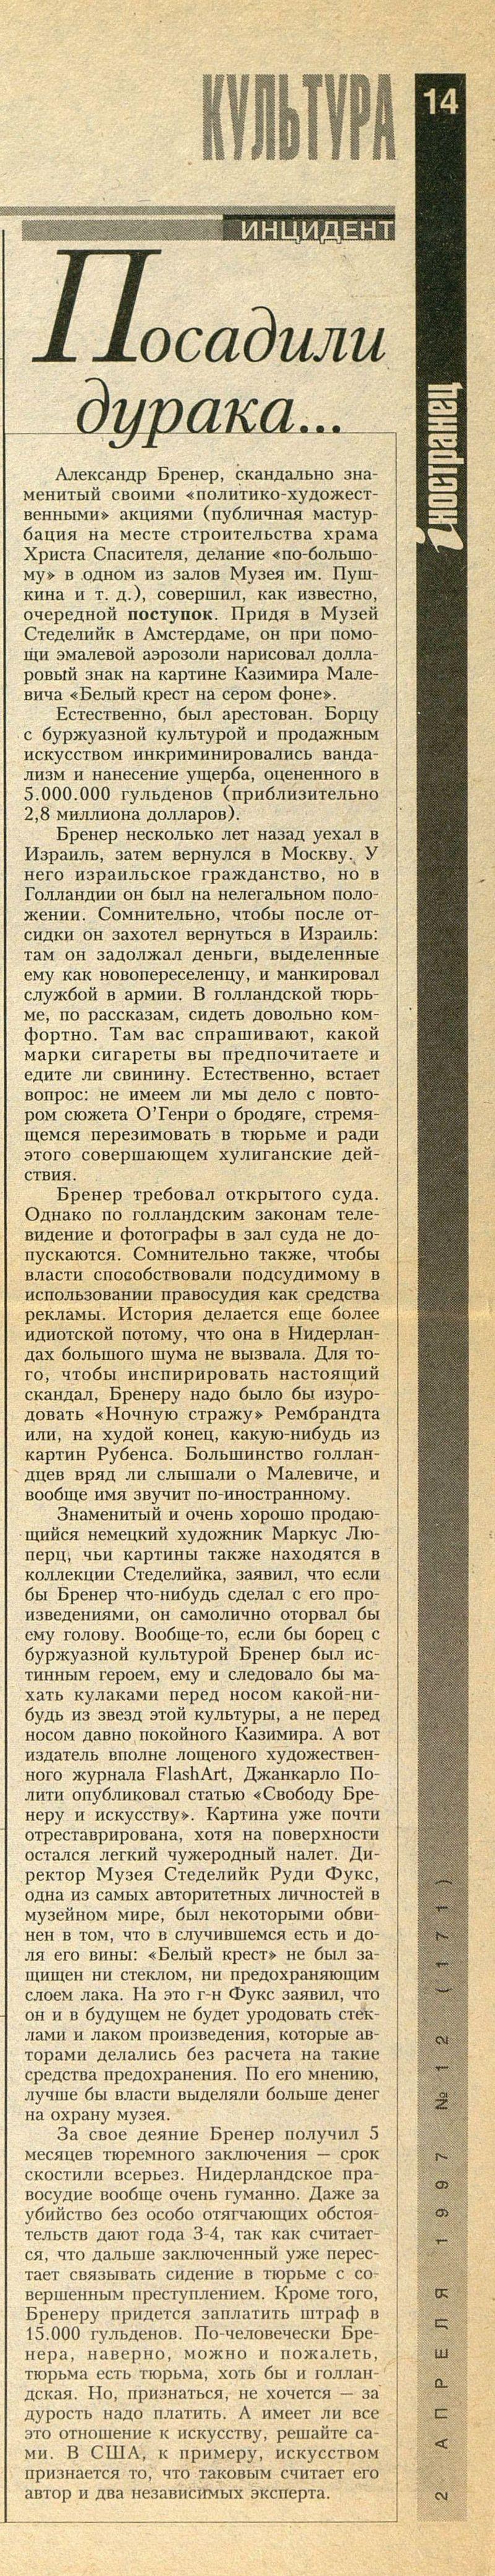 Никита Алексеев «Посадили дурака...»